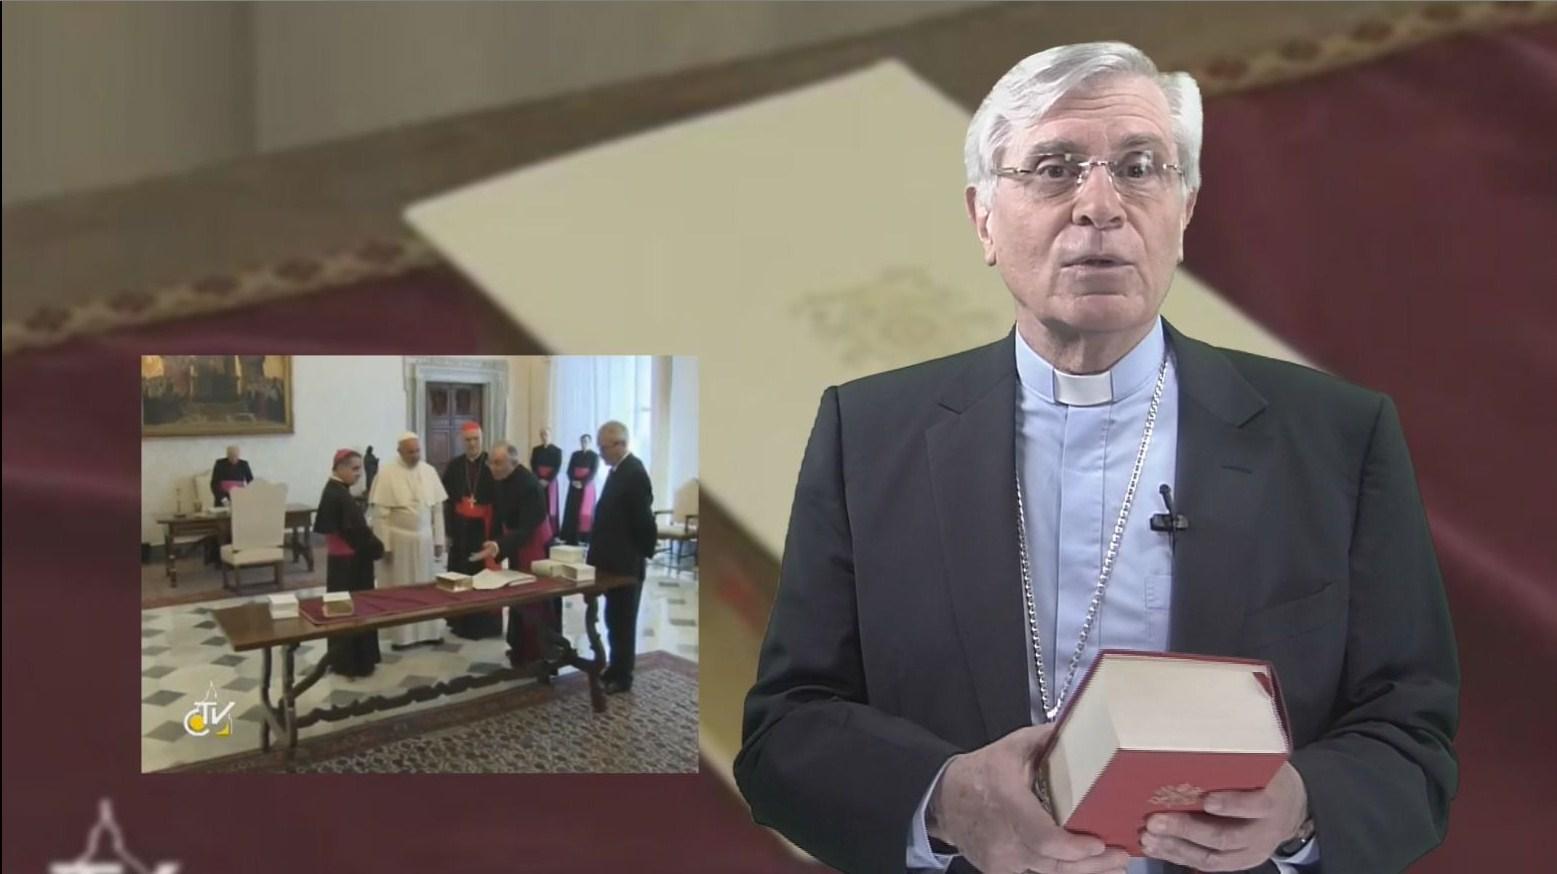 La chronique de Mgr Jean-Michel di Falco Léandri – Les pages blanches et jaunes du Vatican